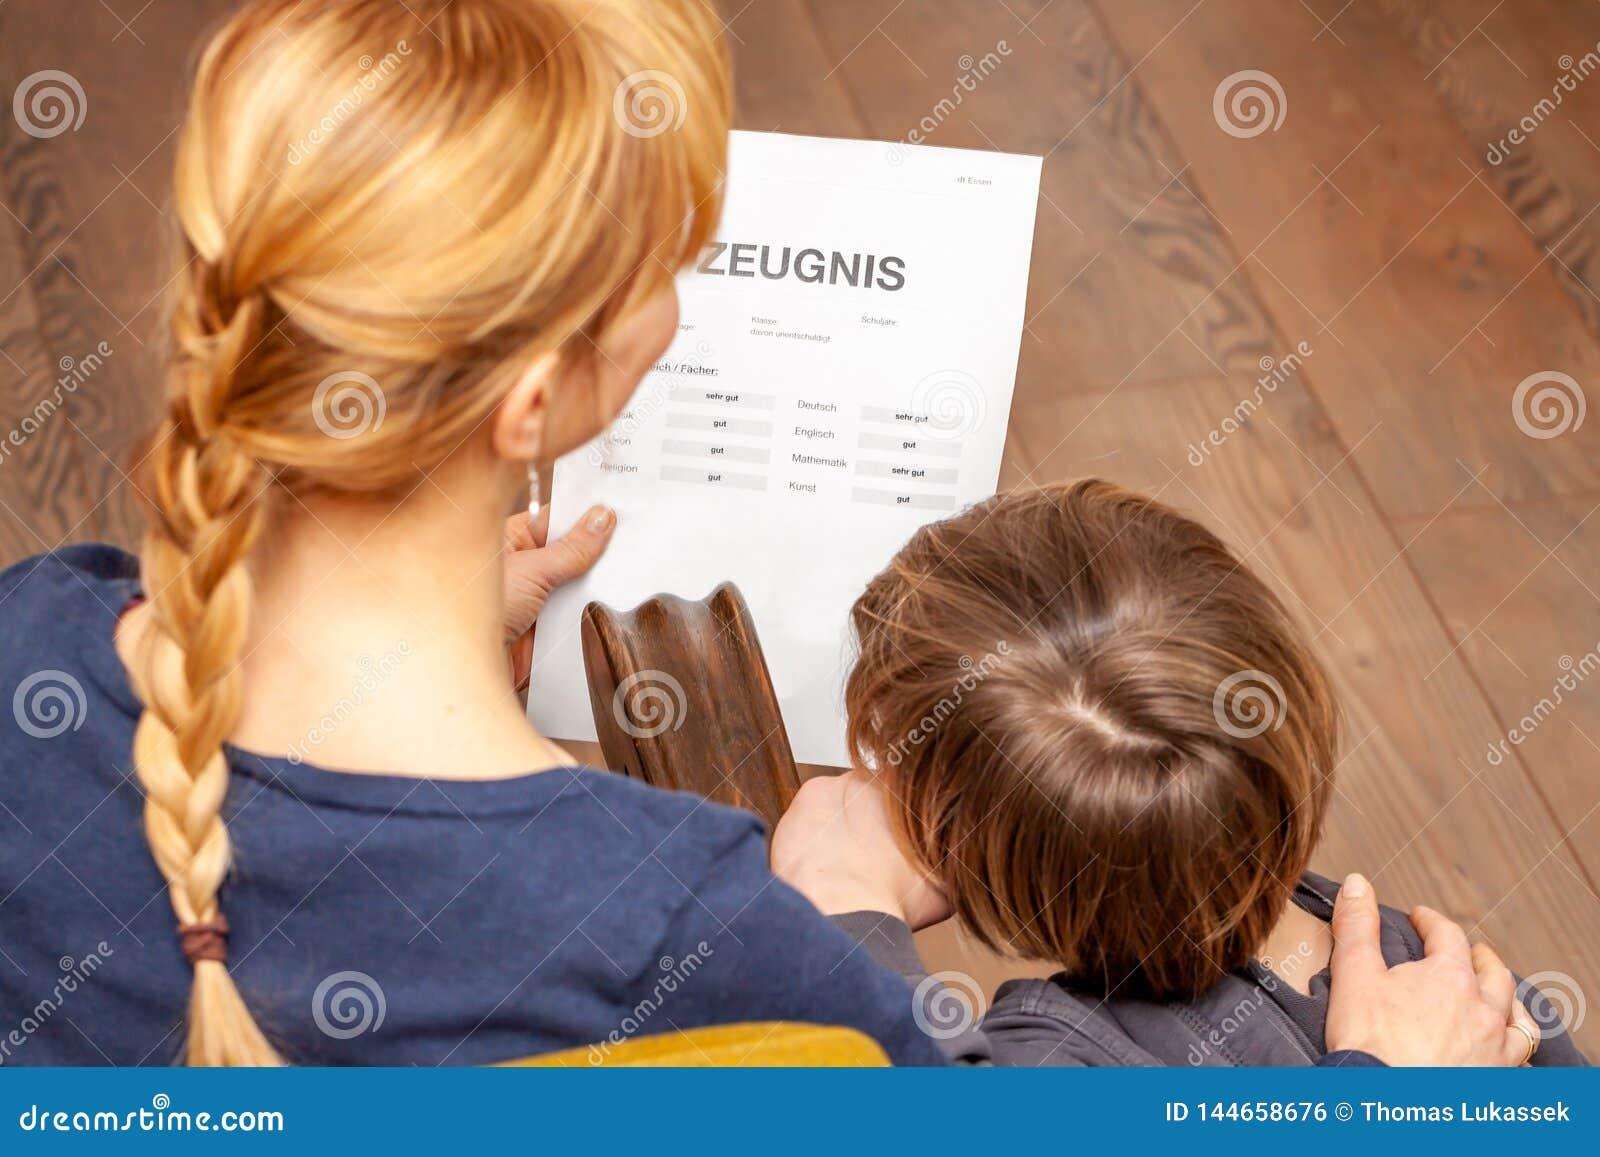 Η μητέρα και ο γιος είναι ευχαριστημένοι από το καλό σχολικό πιστοποιητικό - μετάφραση: ημέρα πιστοποιητικών της μουσικής πειθαρχ